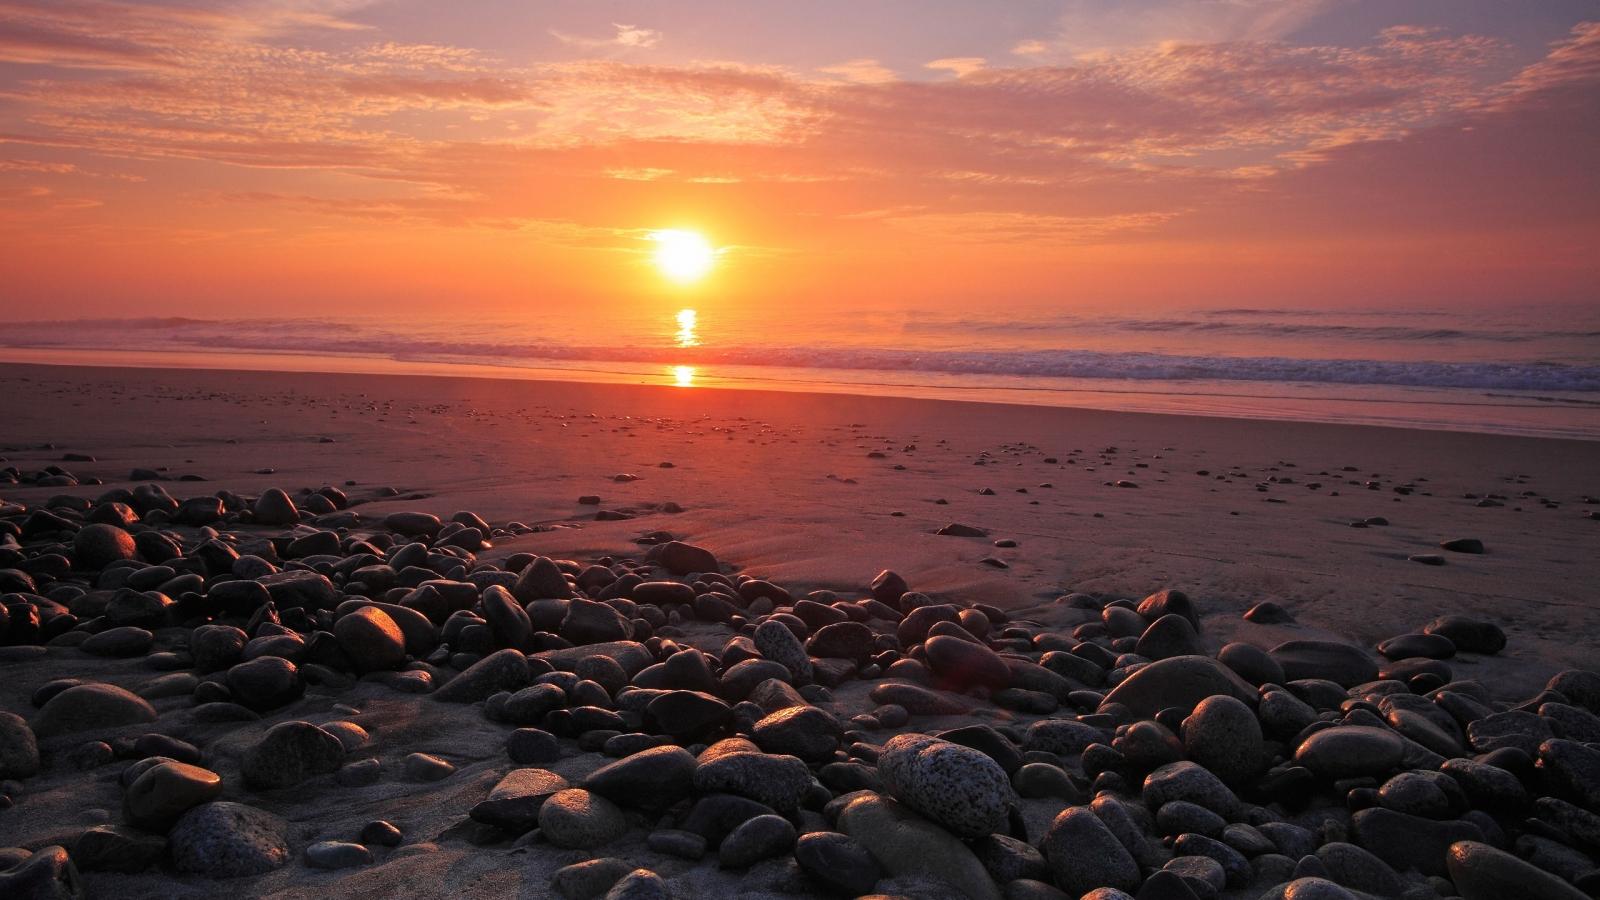 Rocas en una playa al atardecer - 1600x900